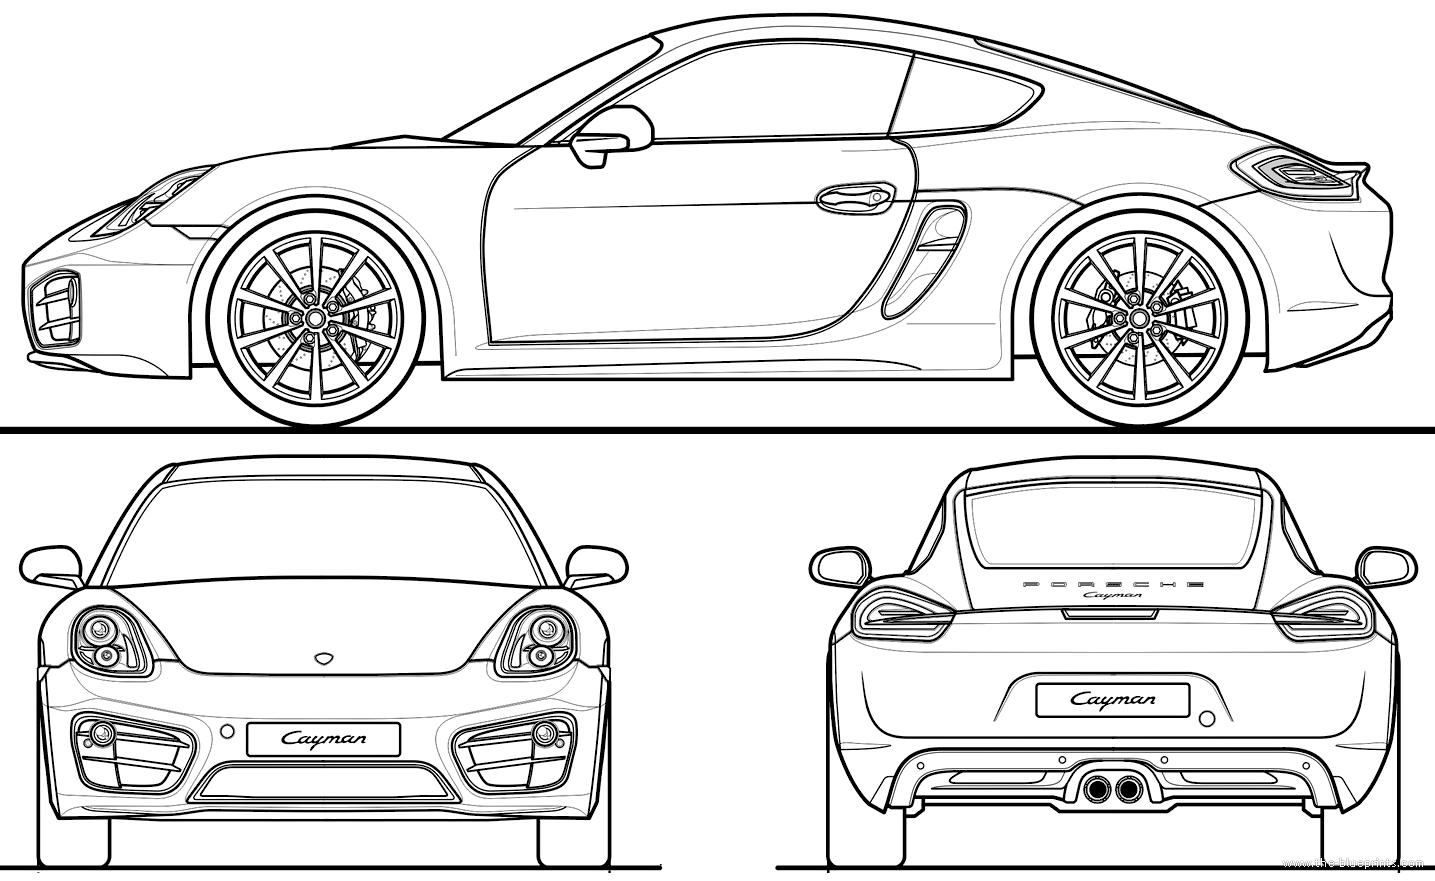 Blueprints > Cars > Porsche > Porsche Cayman (2013)